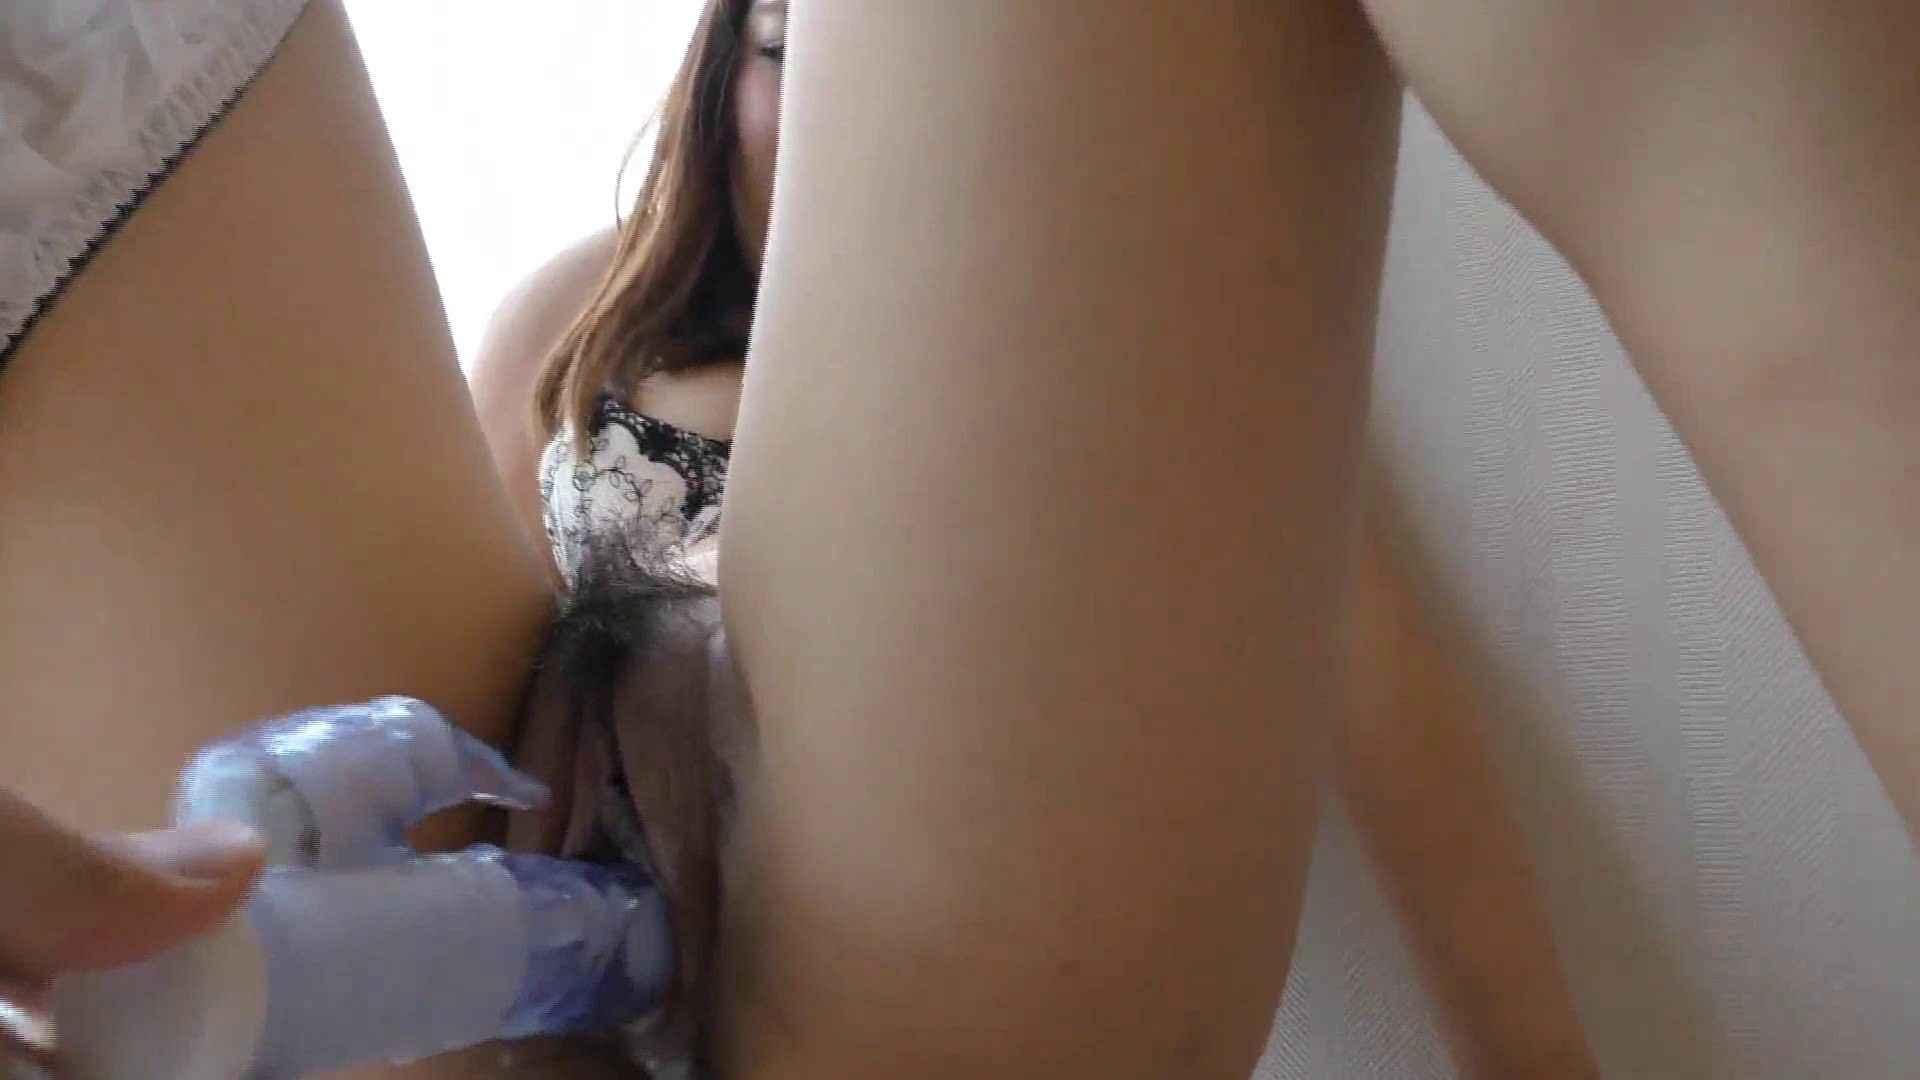 素人S級美女特選!小悪魔ギャル噂のビッチガールVol.21 OLのエッチ スケベ動画紹介 105pic 86